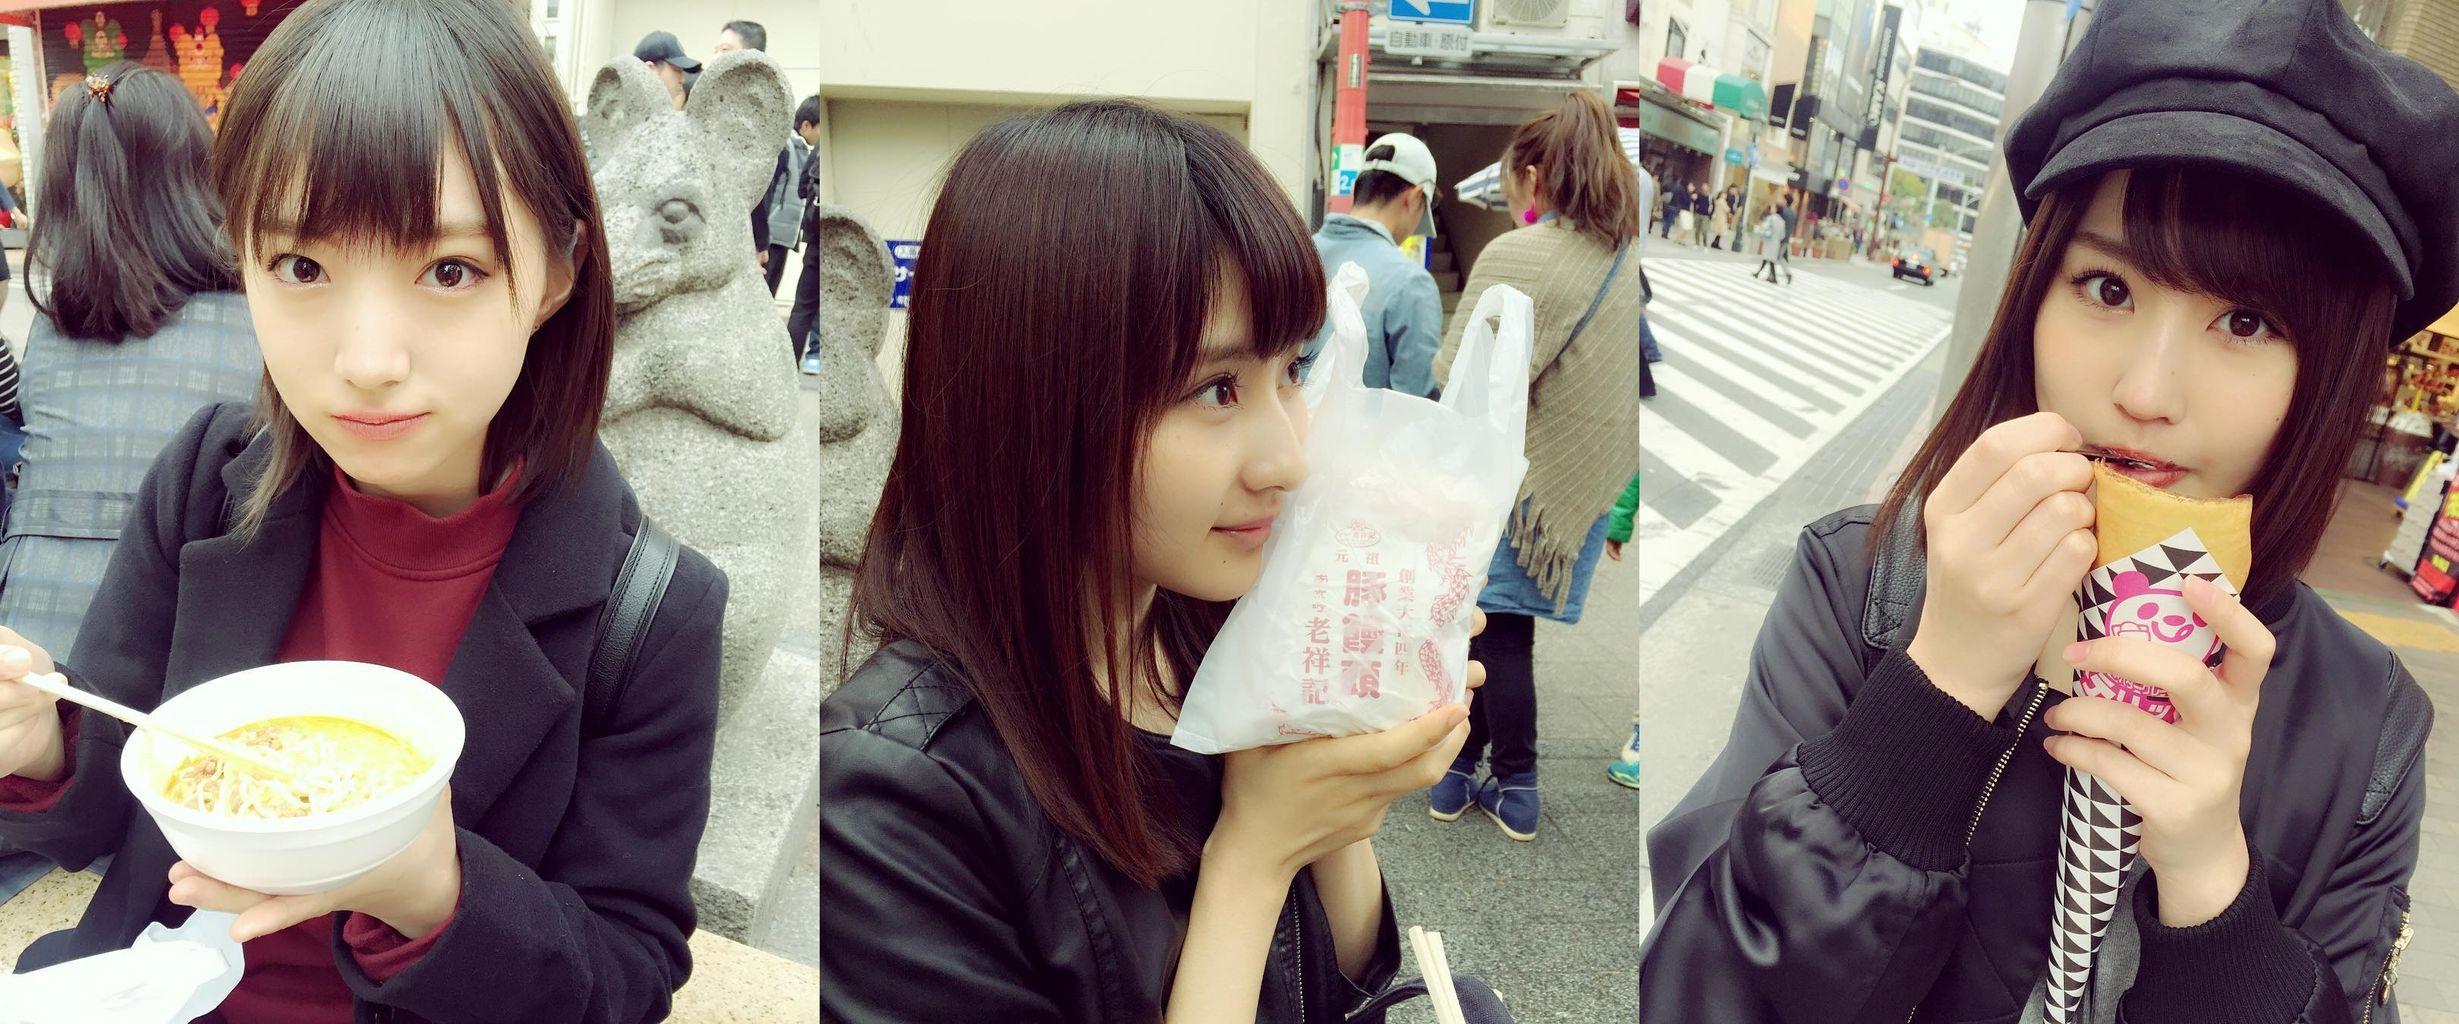 【NMB48】太田夢莉,古賀成美,林萌々香が神戸南京町で食べ歩き